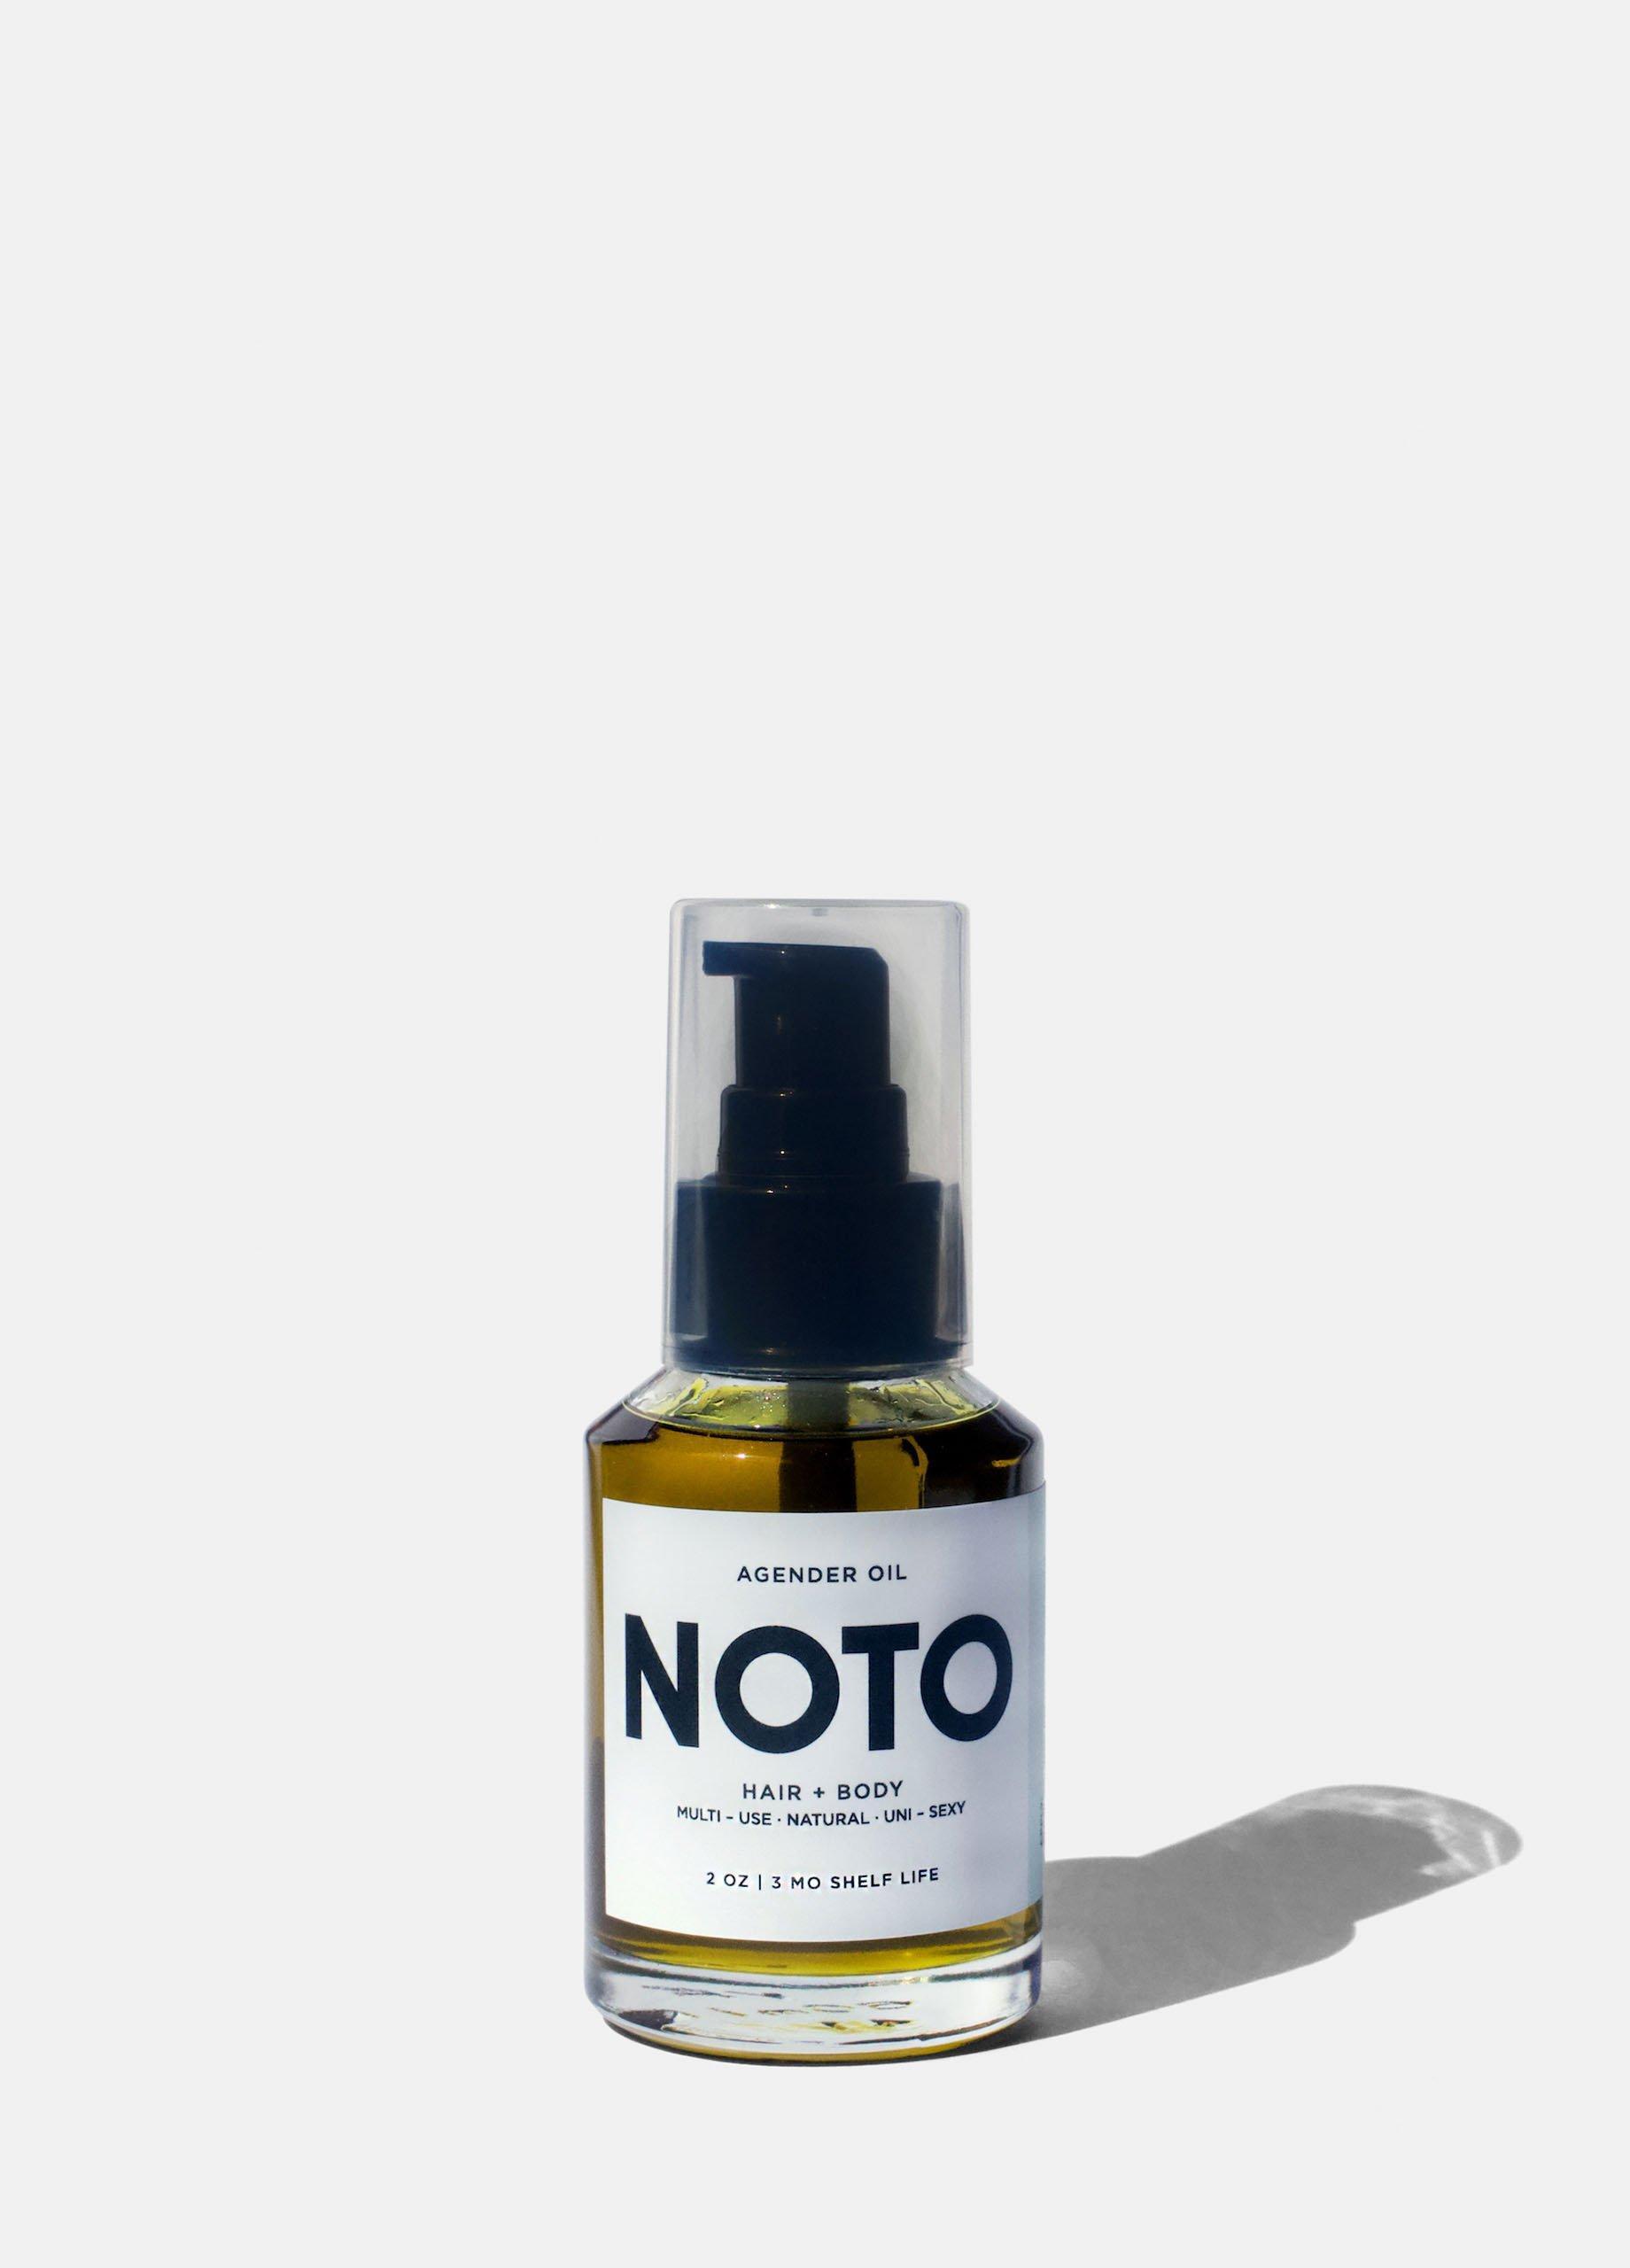 NOTO / AGENDER OIL